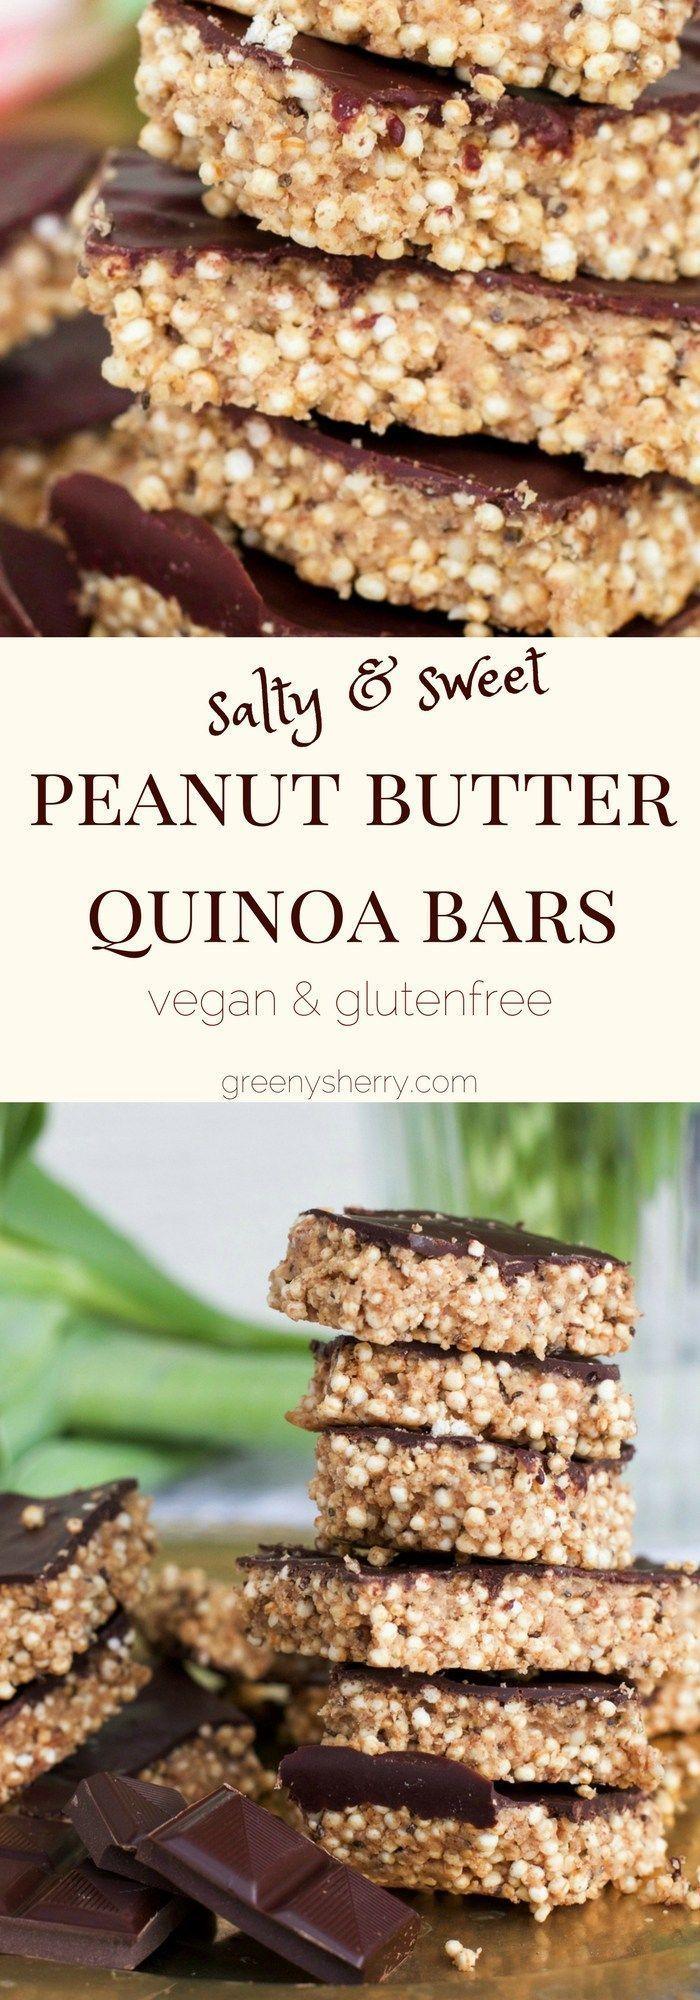 Salzige Erdnussbutter Quinoa & Chia Riegel mit Schokolade (vegan & glutenfrei Salzige Erdnussbutter